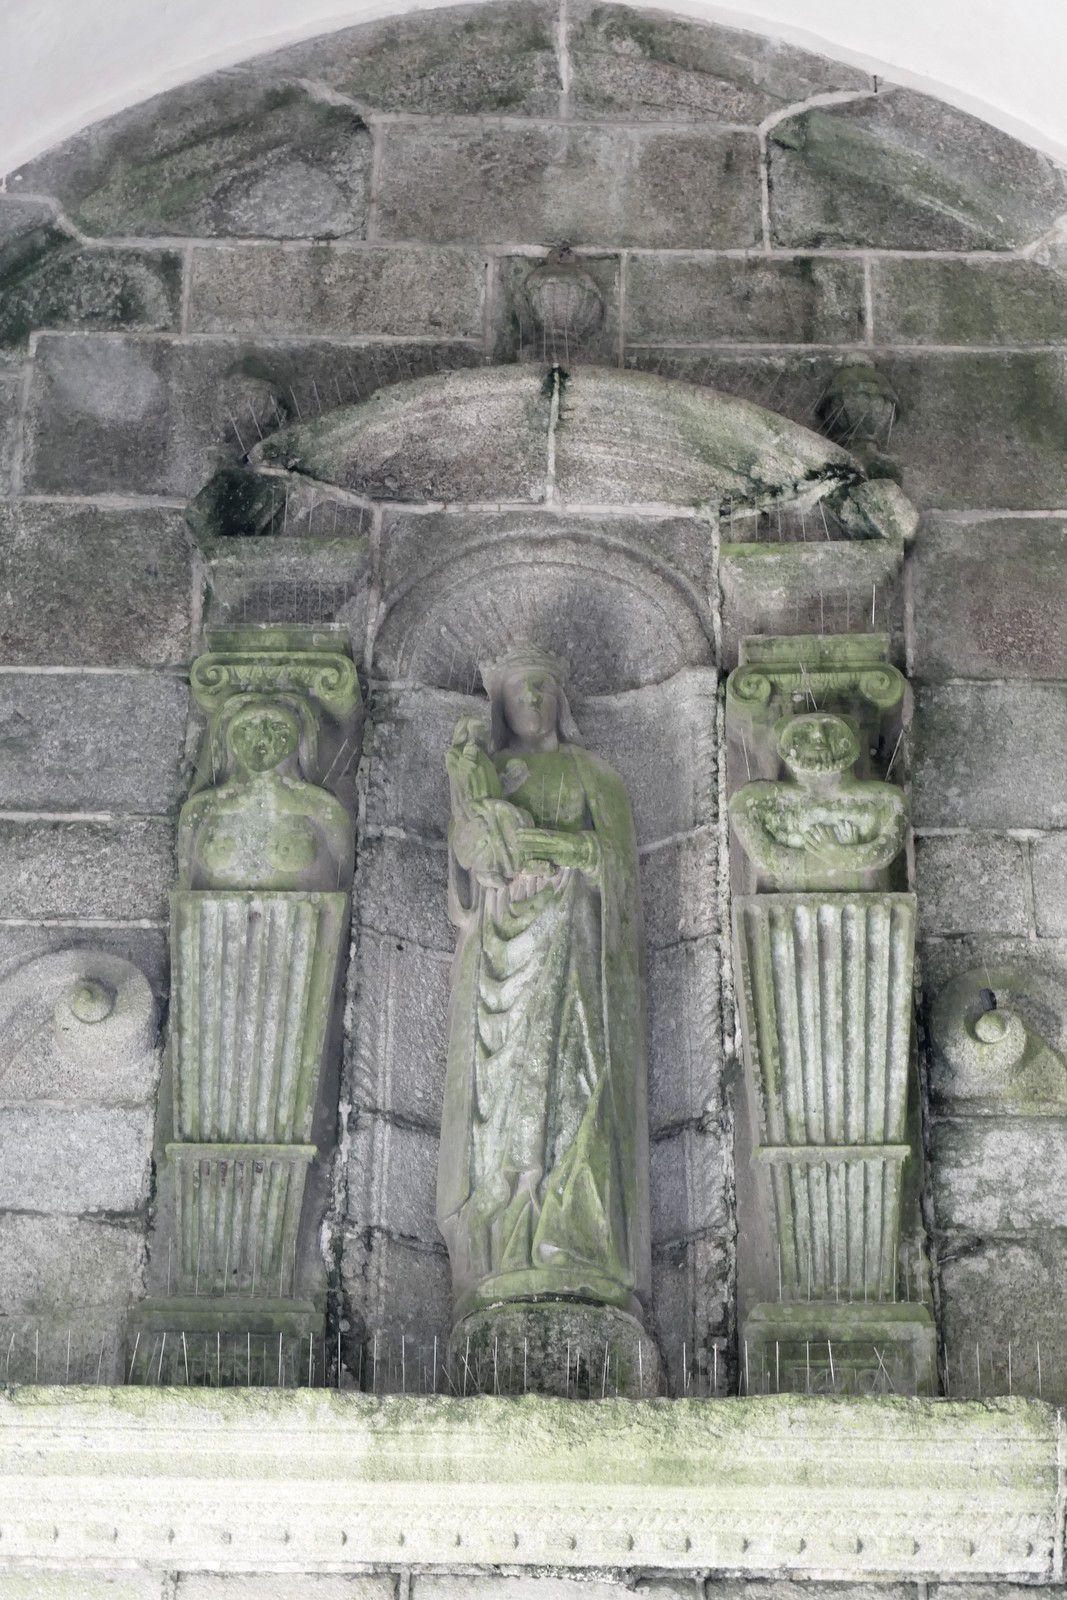 Portail intérieur du clocher-porche (1599)  de l'église de Saint-Thégonnec. Photographie lavieb-aile.